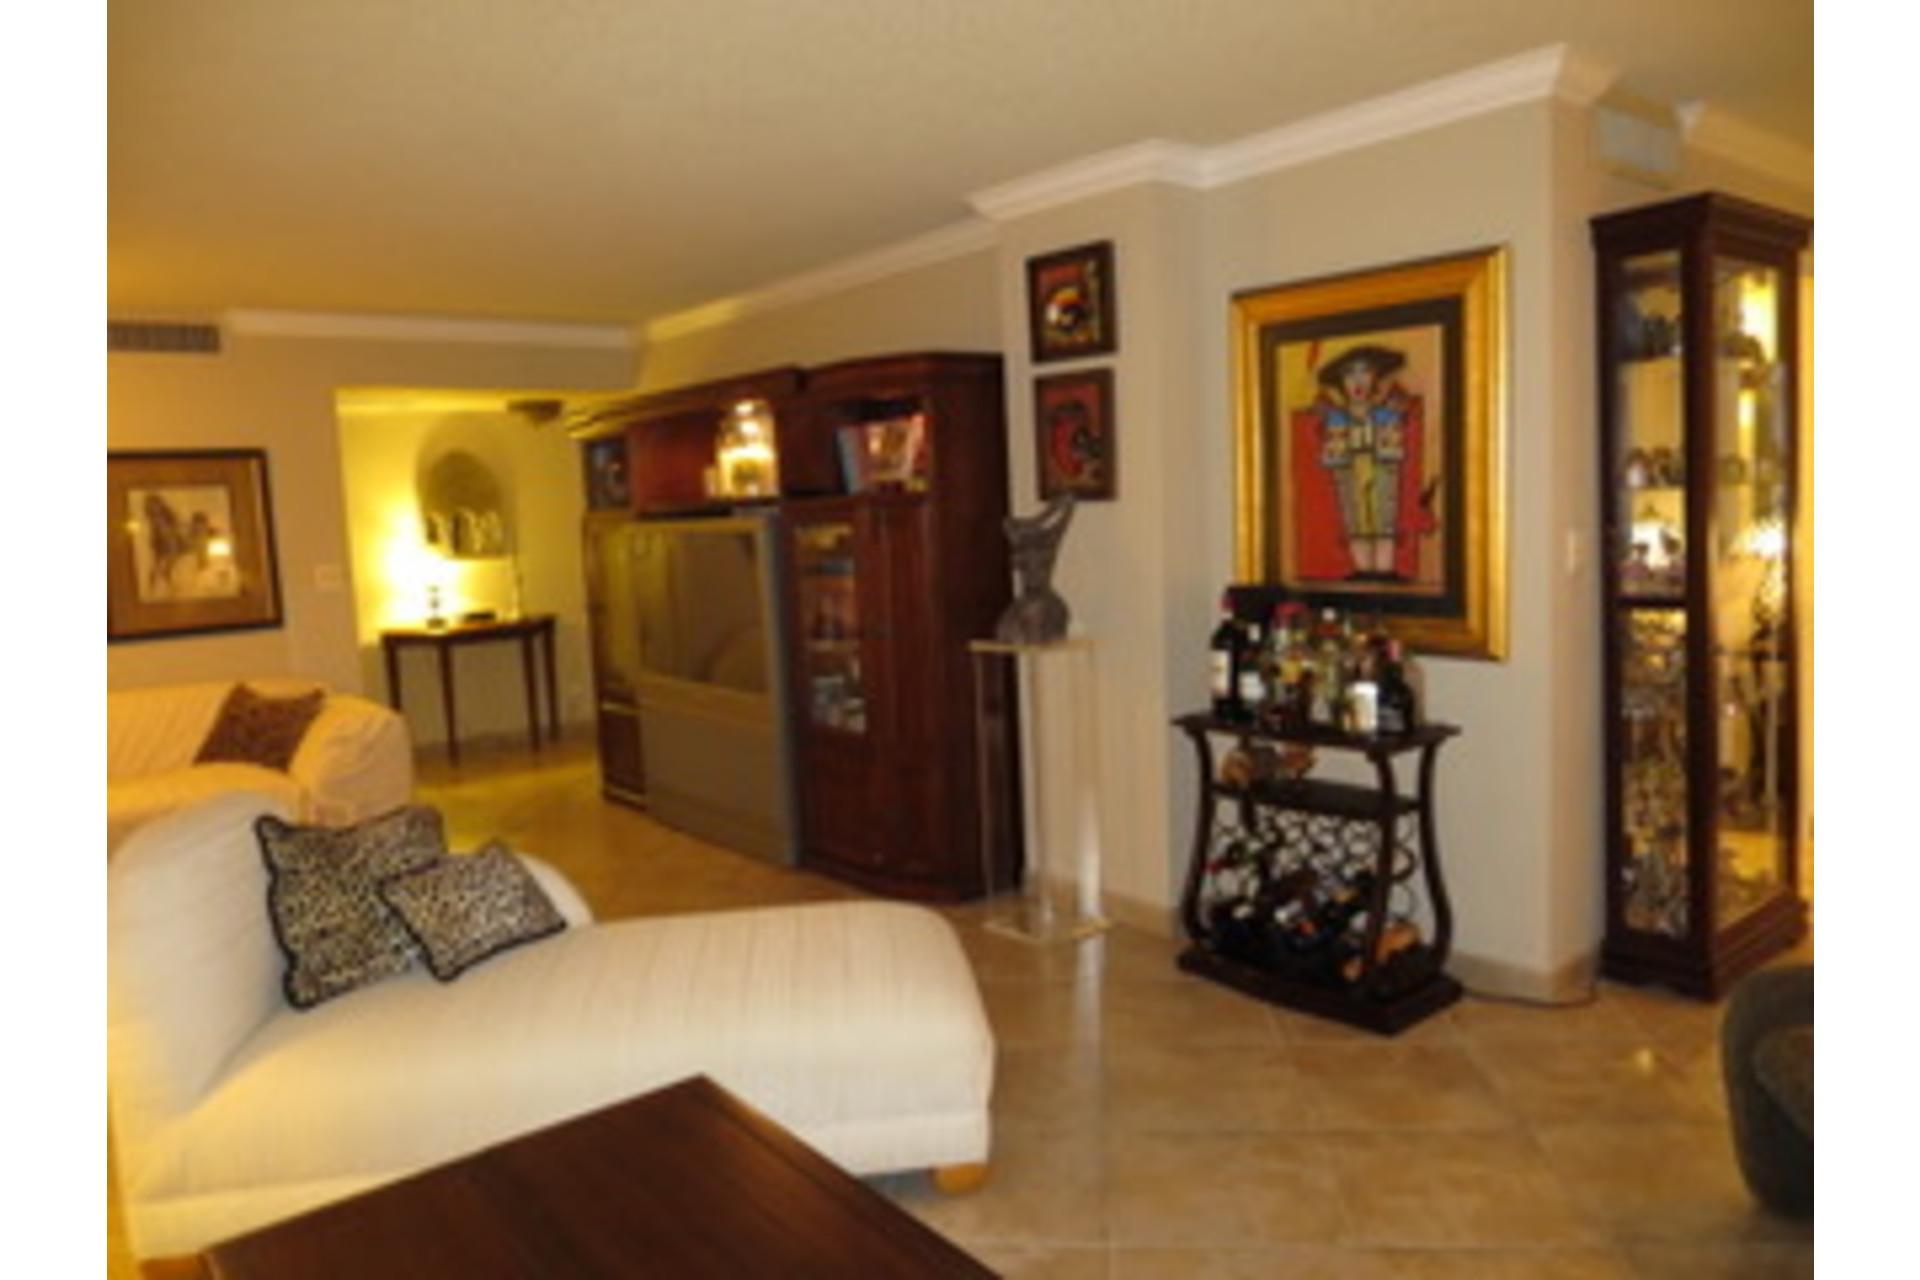 image 13 - Condo Short rental Hallandale Beach - 6 rooms